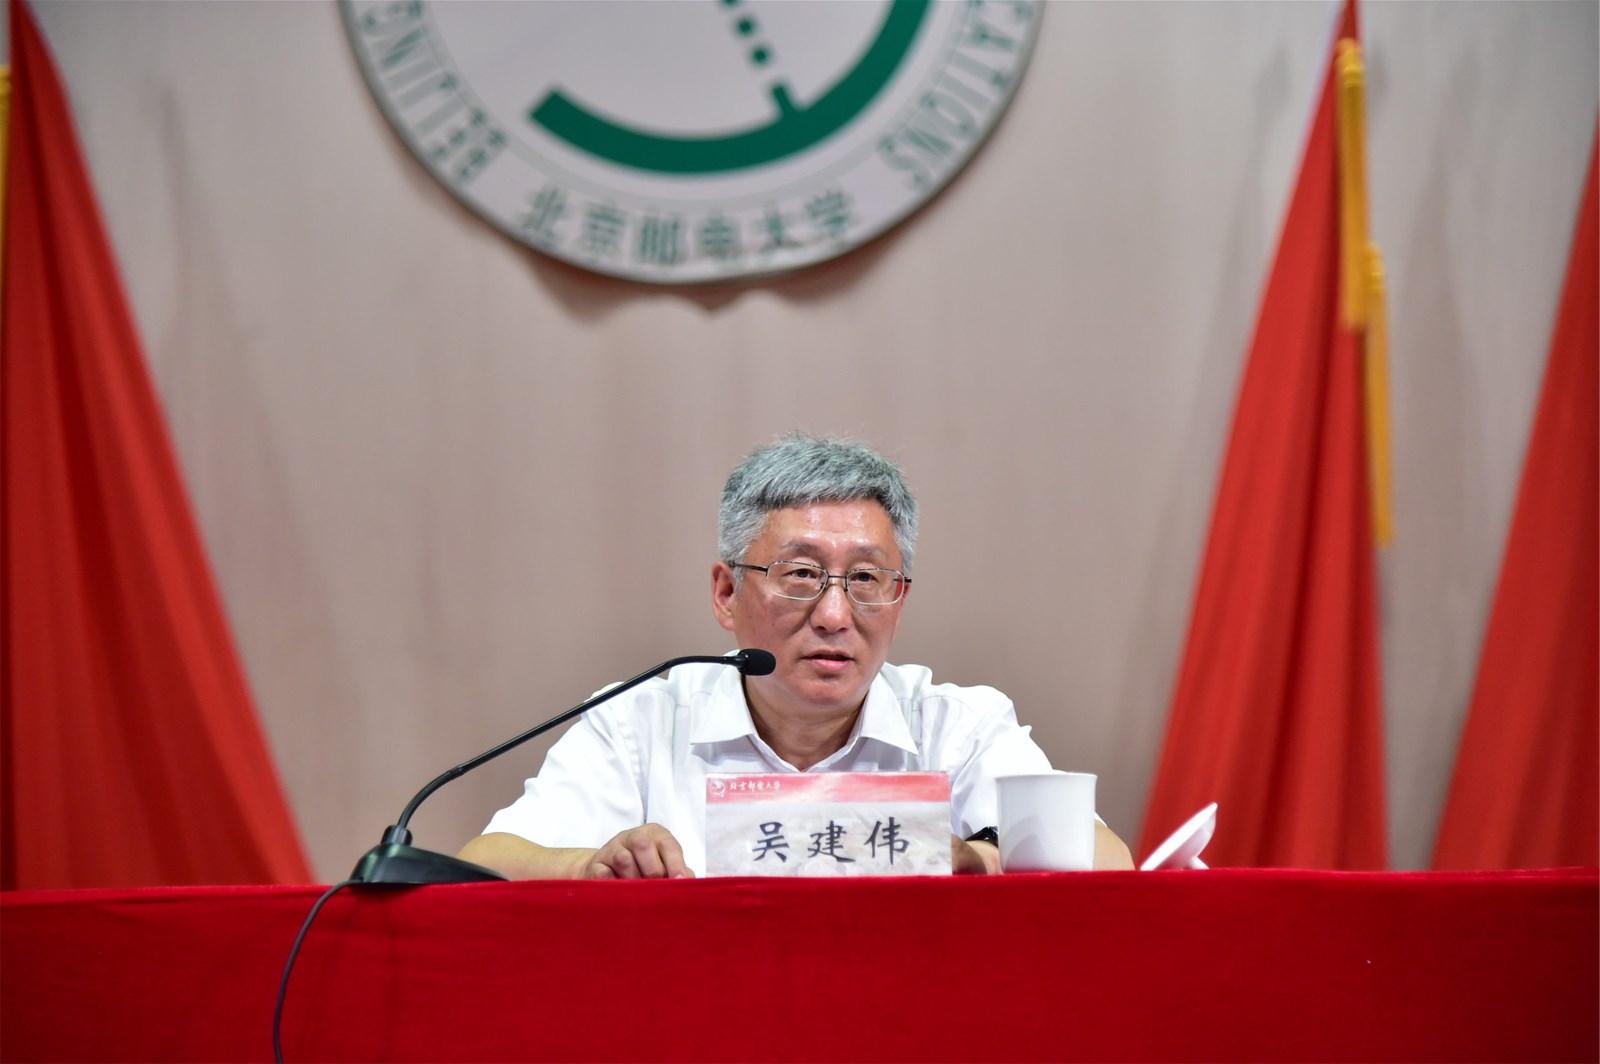 北京邮电大学党委书记吴建伟为2019级研究生讲授开学第一课